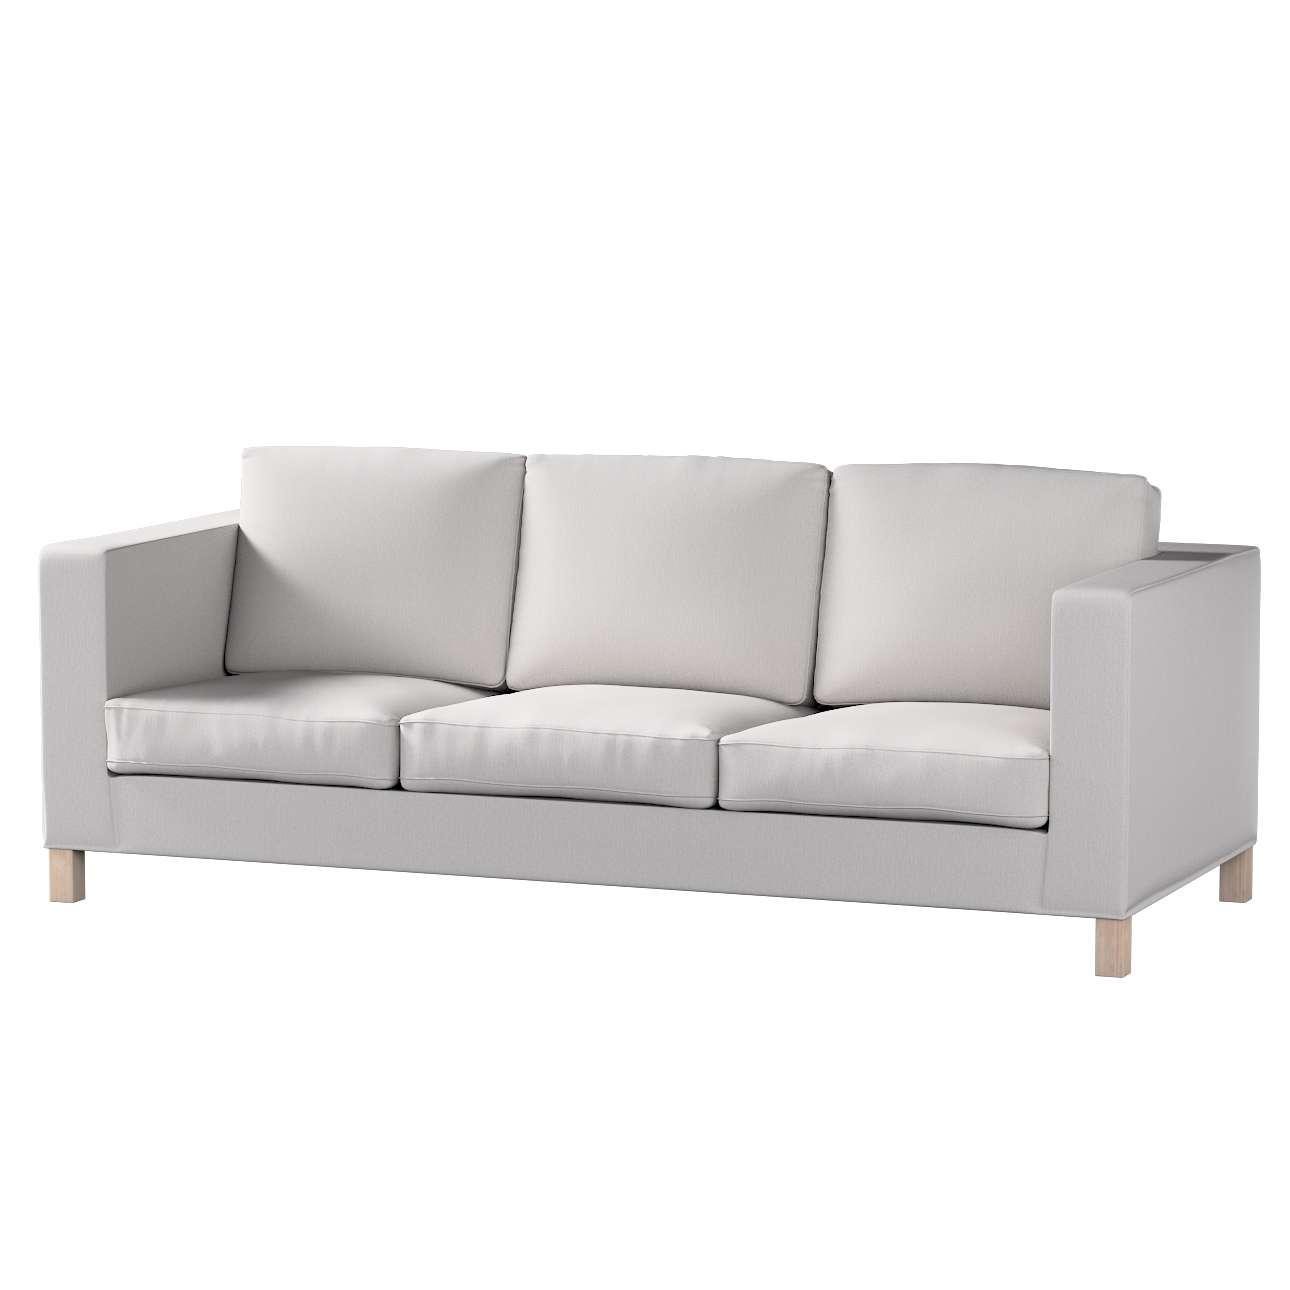 Pokrowiec na sofę Karlanda 3-osobową nierozkładaną, krótki Sofa Karlanda 3-os w kolekcji Chenille, tkanina: 702-23